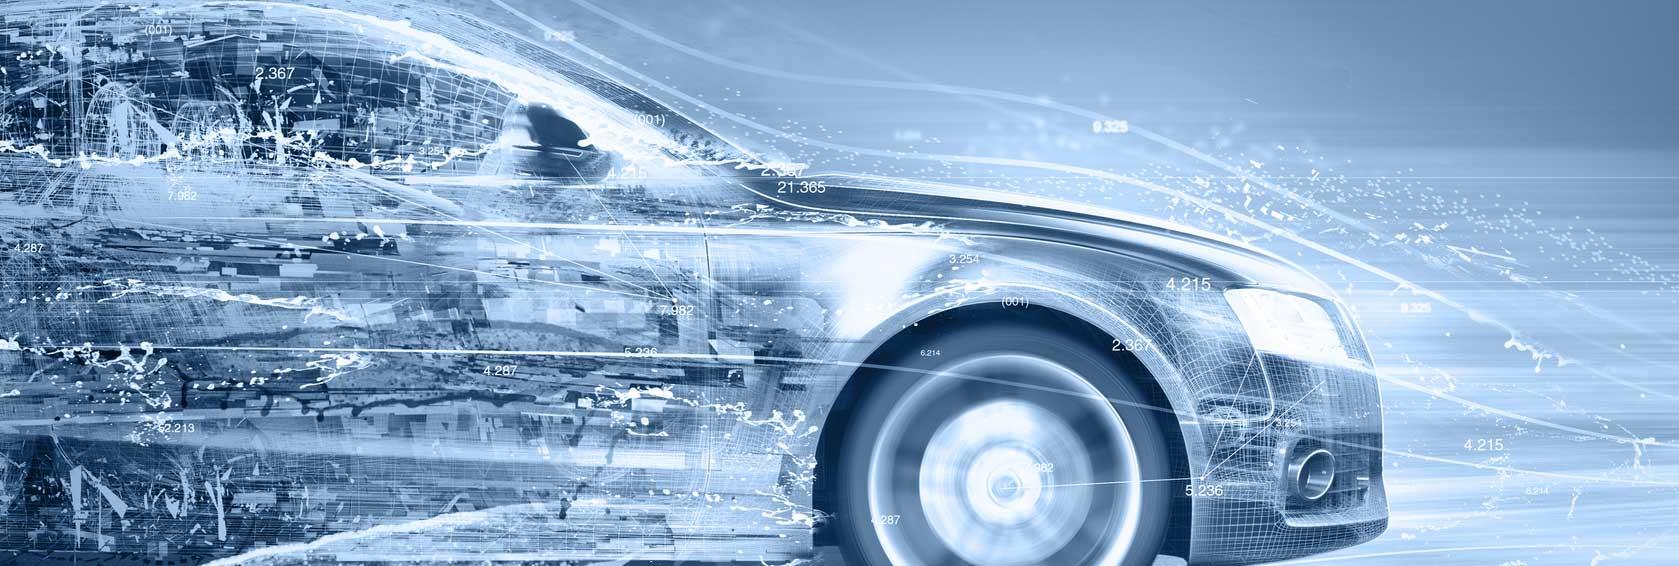 automotive-banner-01